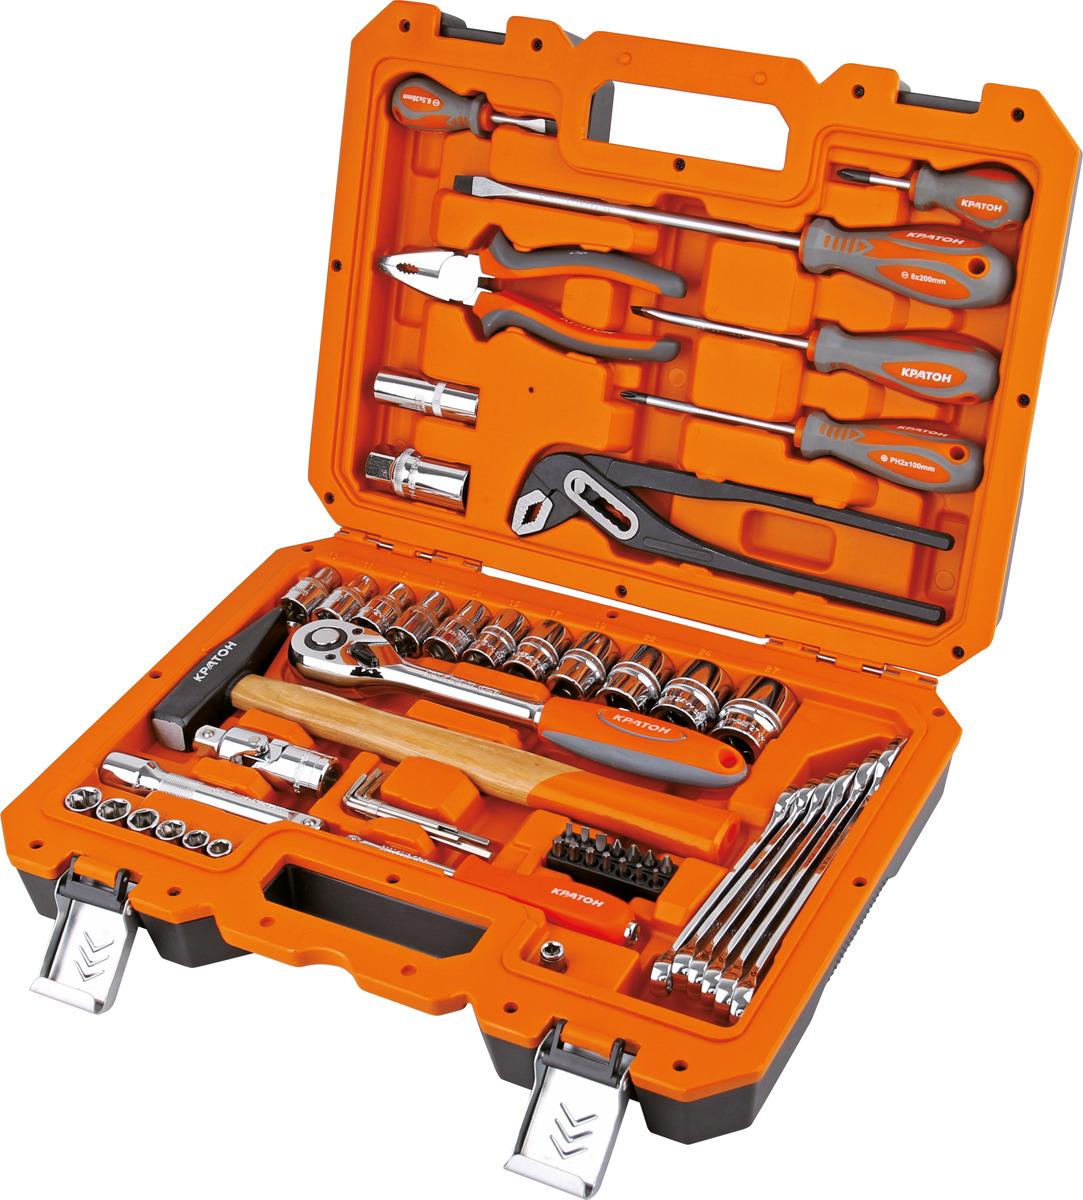 Набор инструментов Кратон TS-09 1/2+1/4, 58 предметов унив набор торцевых головок jonnesway 1 4dr 4 13 мм и 1 2dr 8 32 мм комбинированных ключей 6 32 мм и отверток 128 предметов